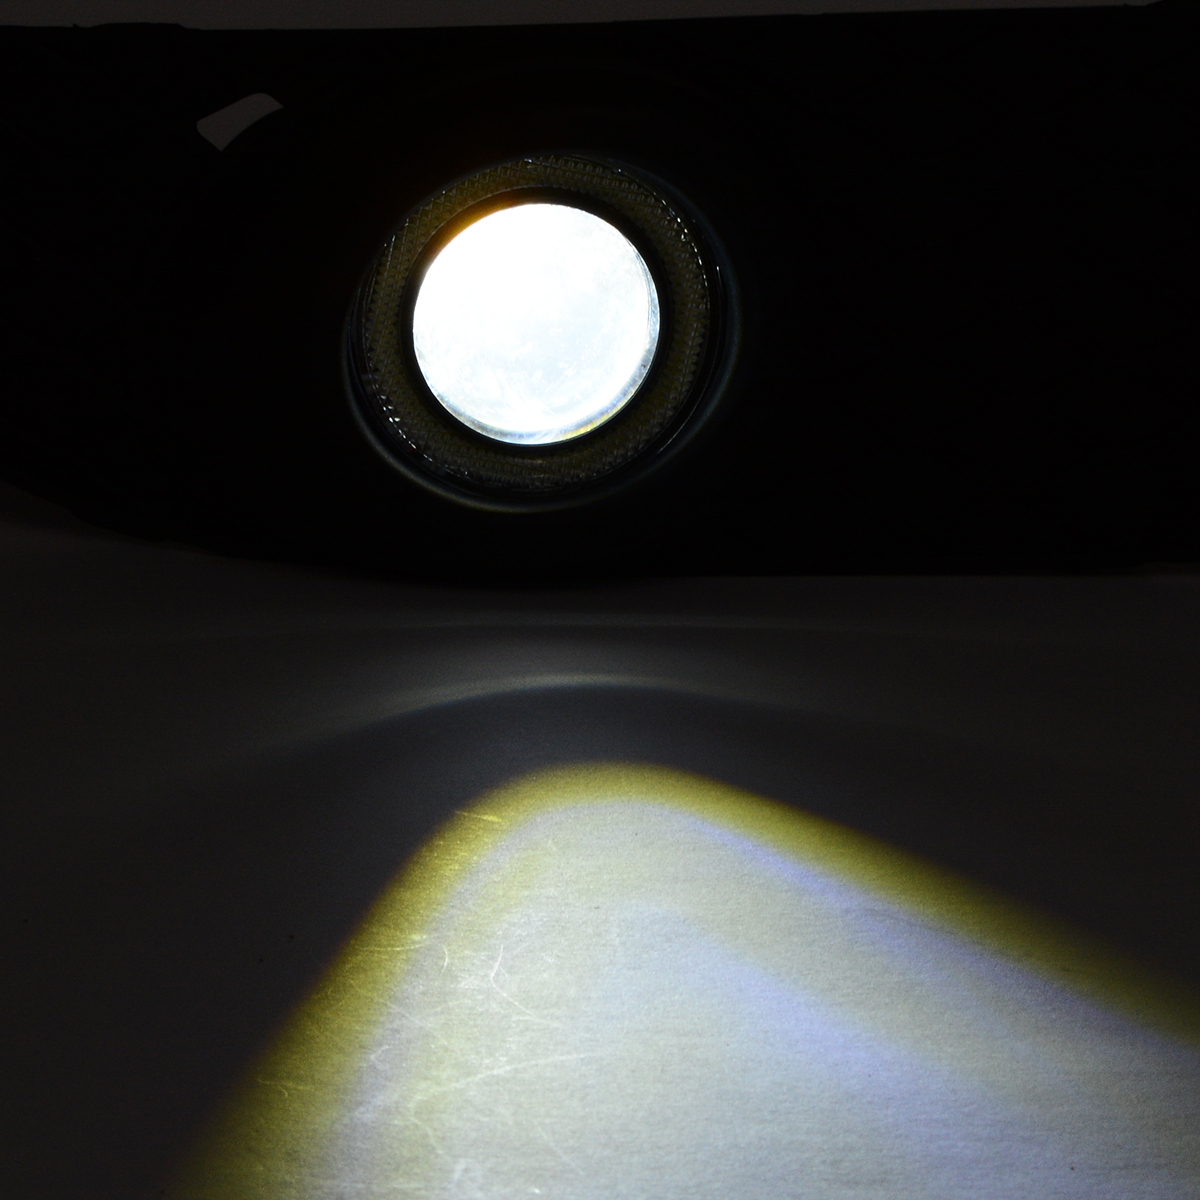 2pcs/set Angel Eyes Fog Light Lamp Front Bumper Grille Driving Fog Lamp Cover For Mitsubishi Lancer 2008-2014